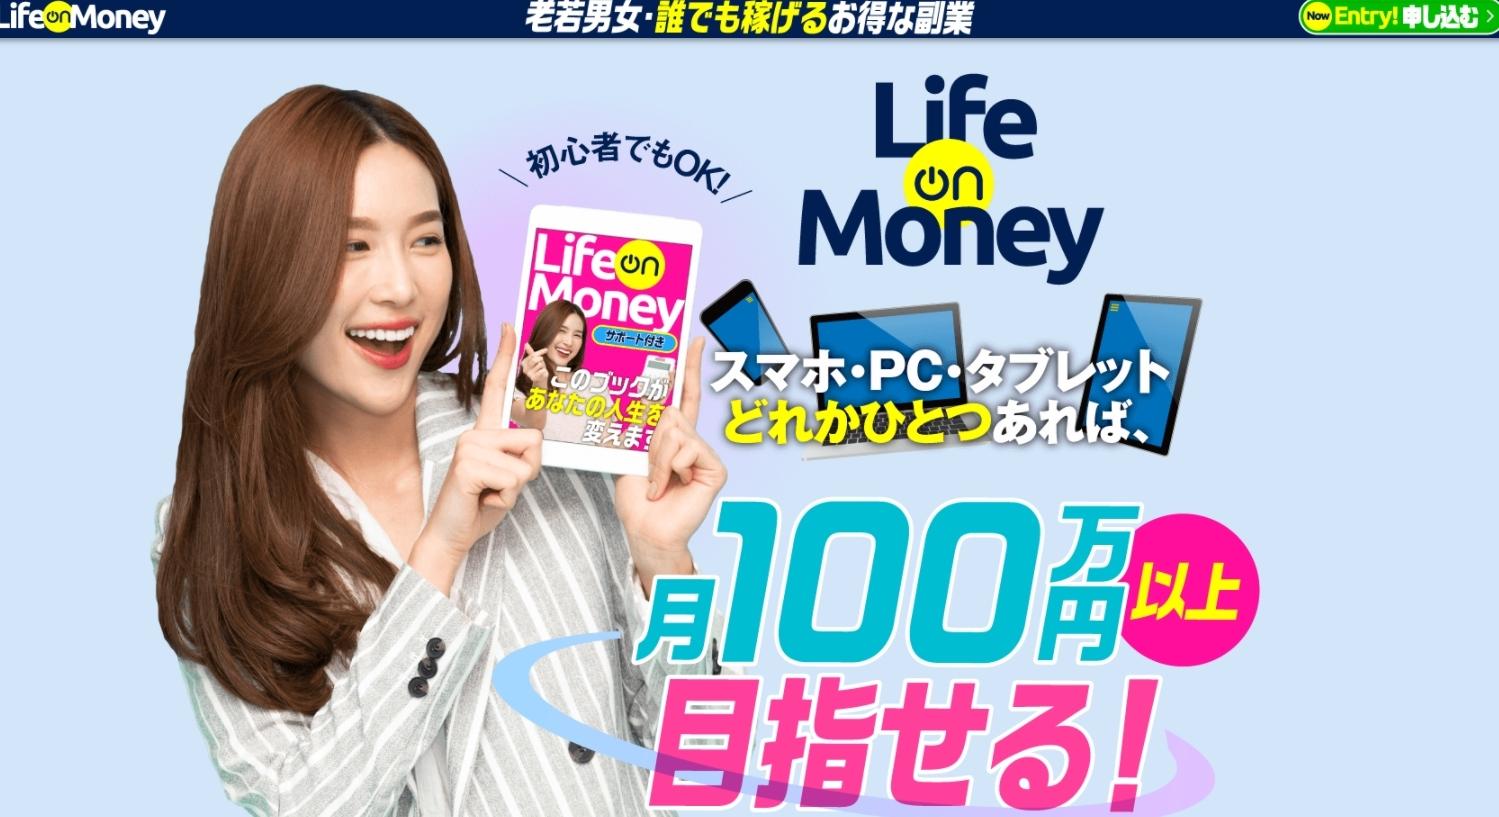 ライフオンマネー(Life on Money)という副業は詐欺で稼げない?簡単操作でスマホで副収入は本当か調査してみました。